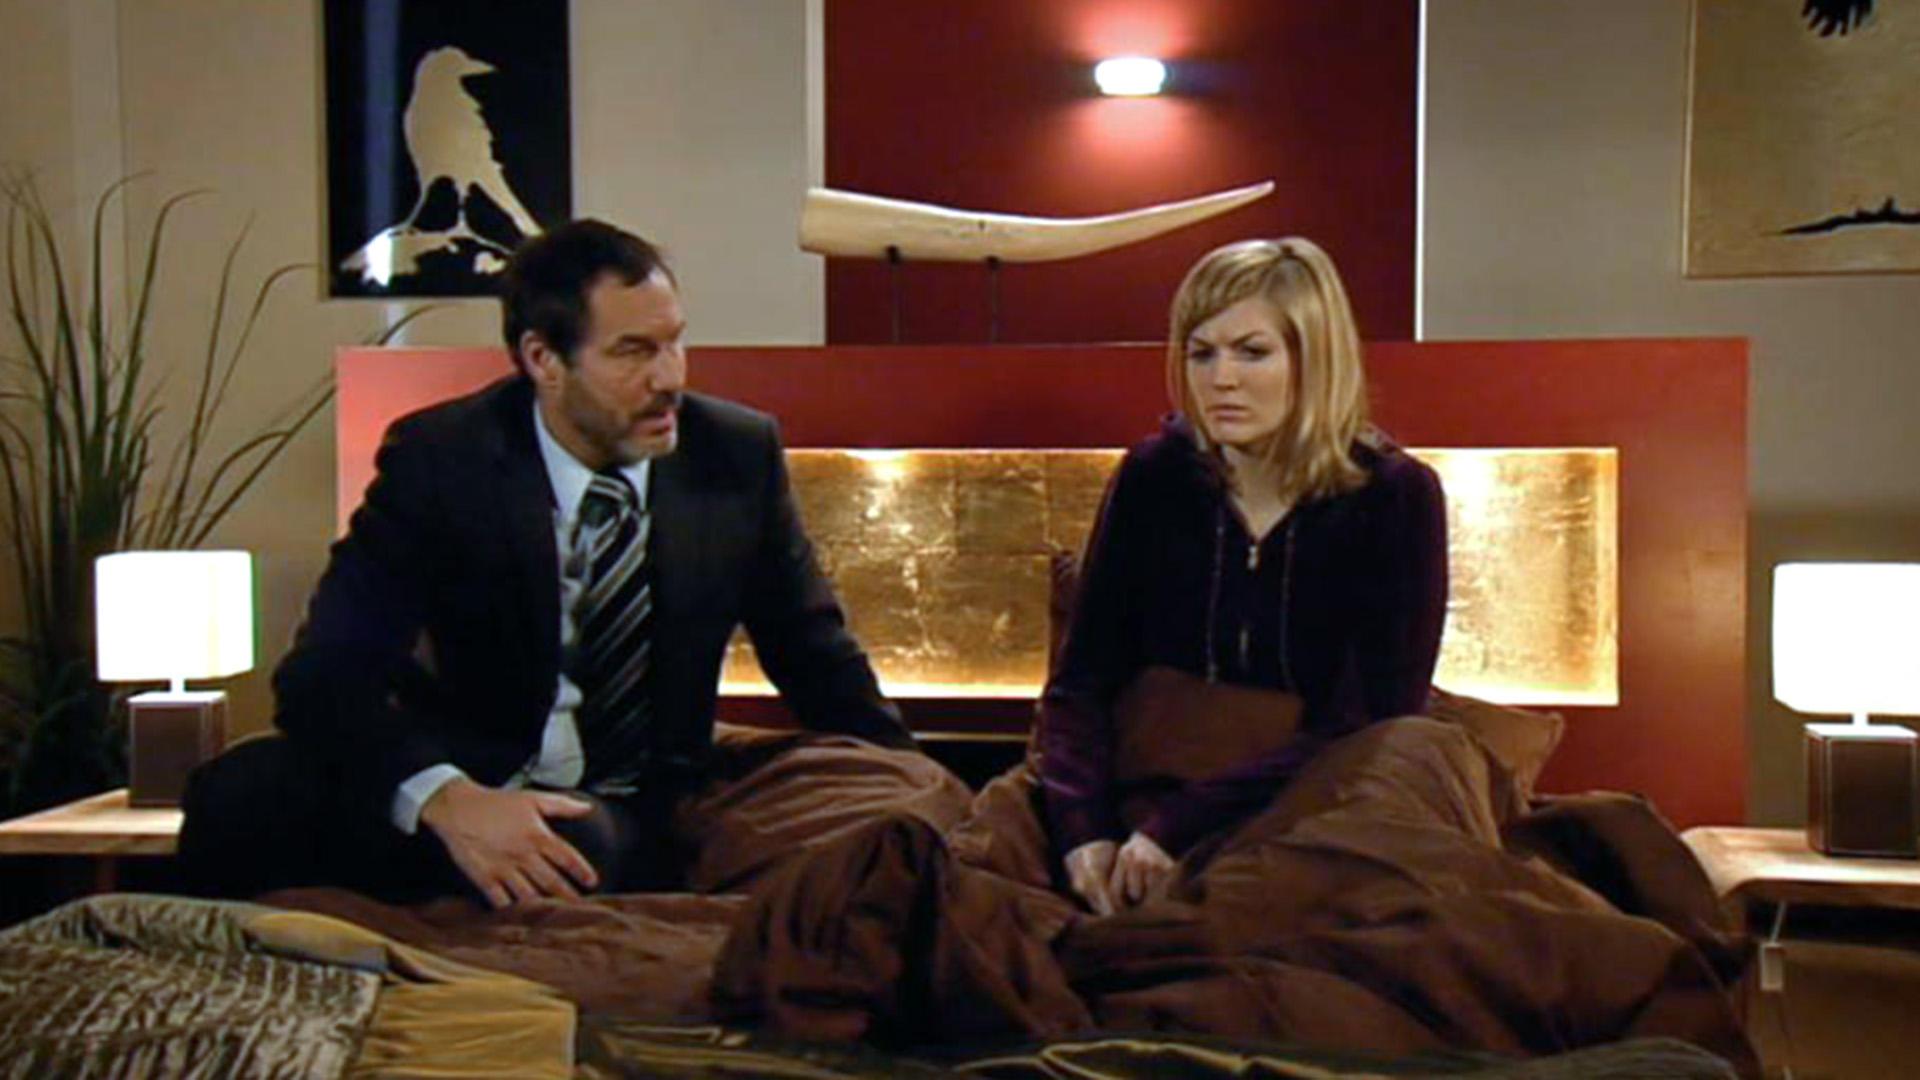 Richard stellt seine Beziehung mit Celine in frage | Folge 934